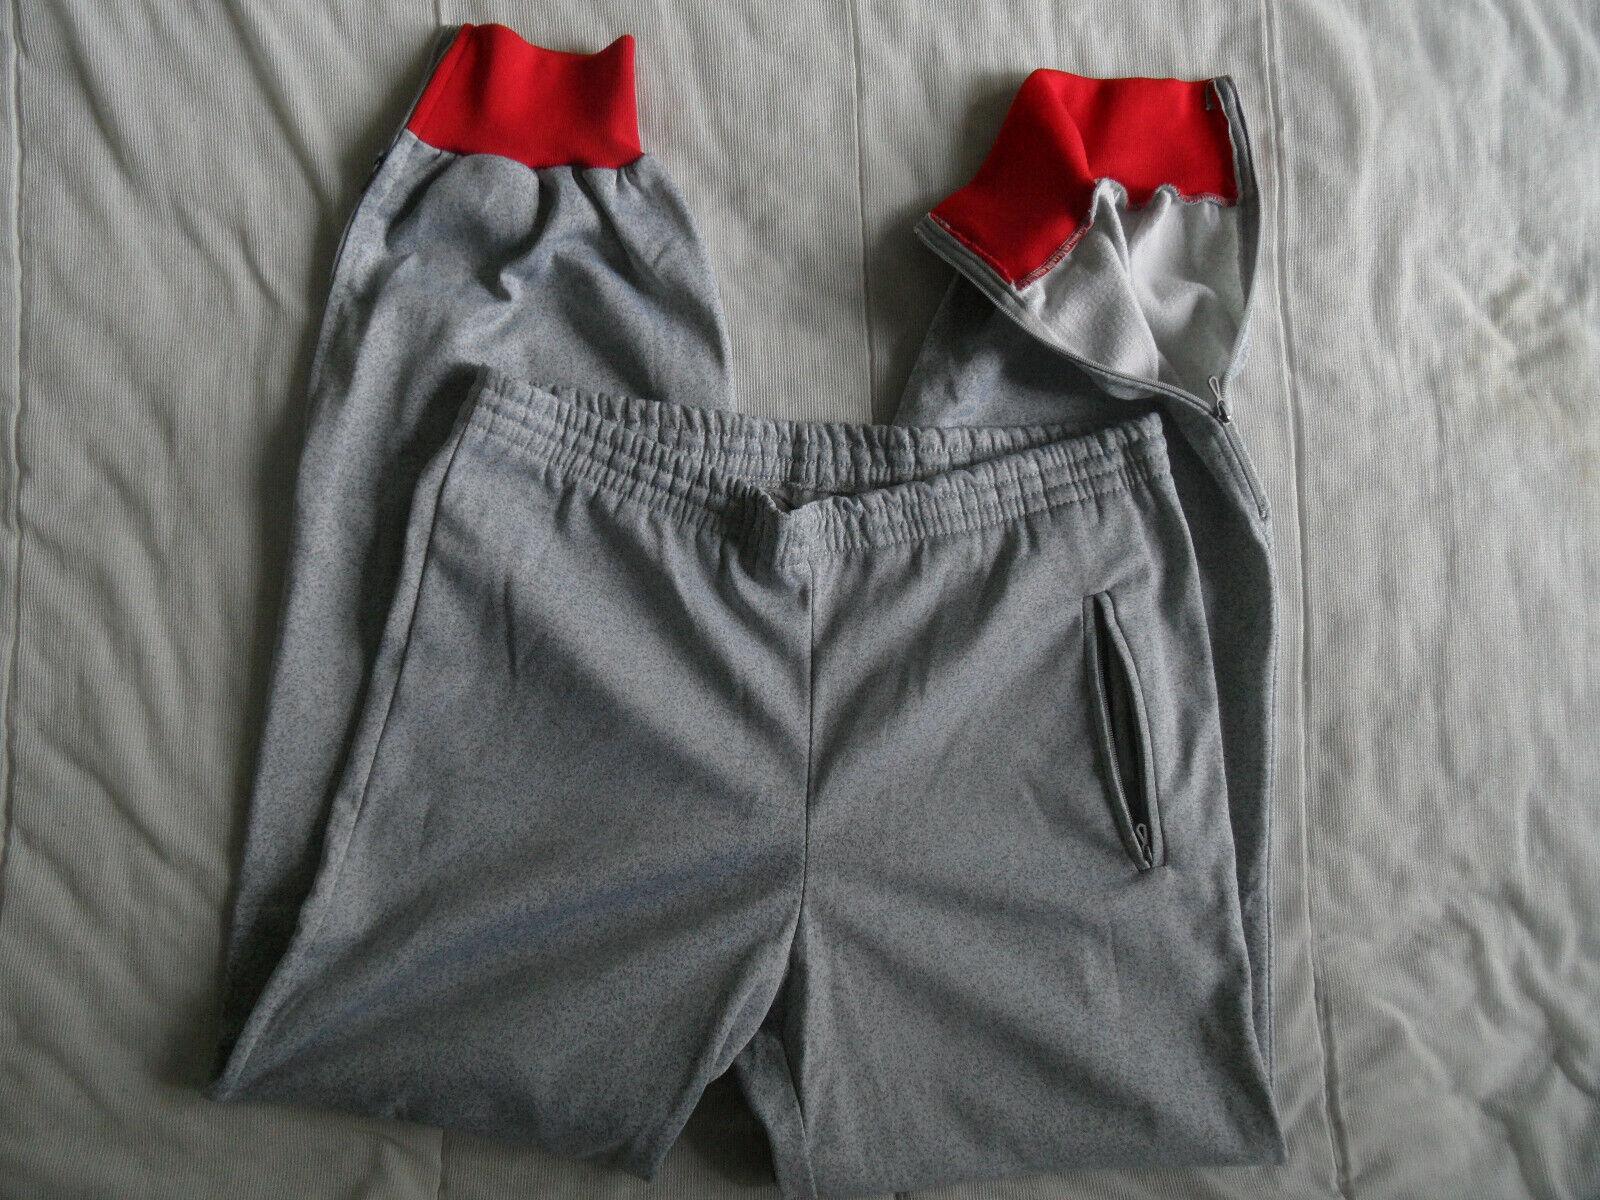 Jogging     adidas  ventex    gris   vintage    taille  s / m